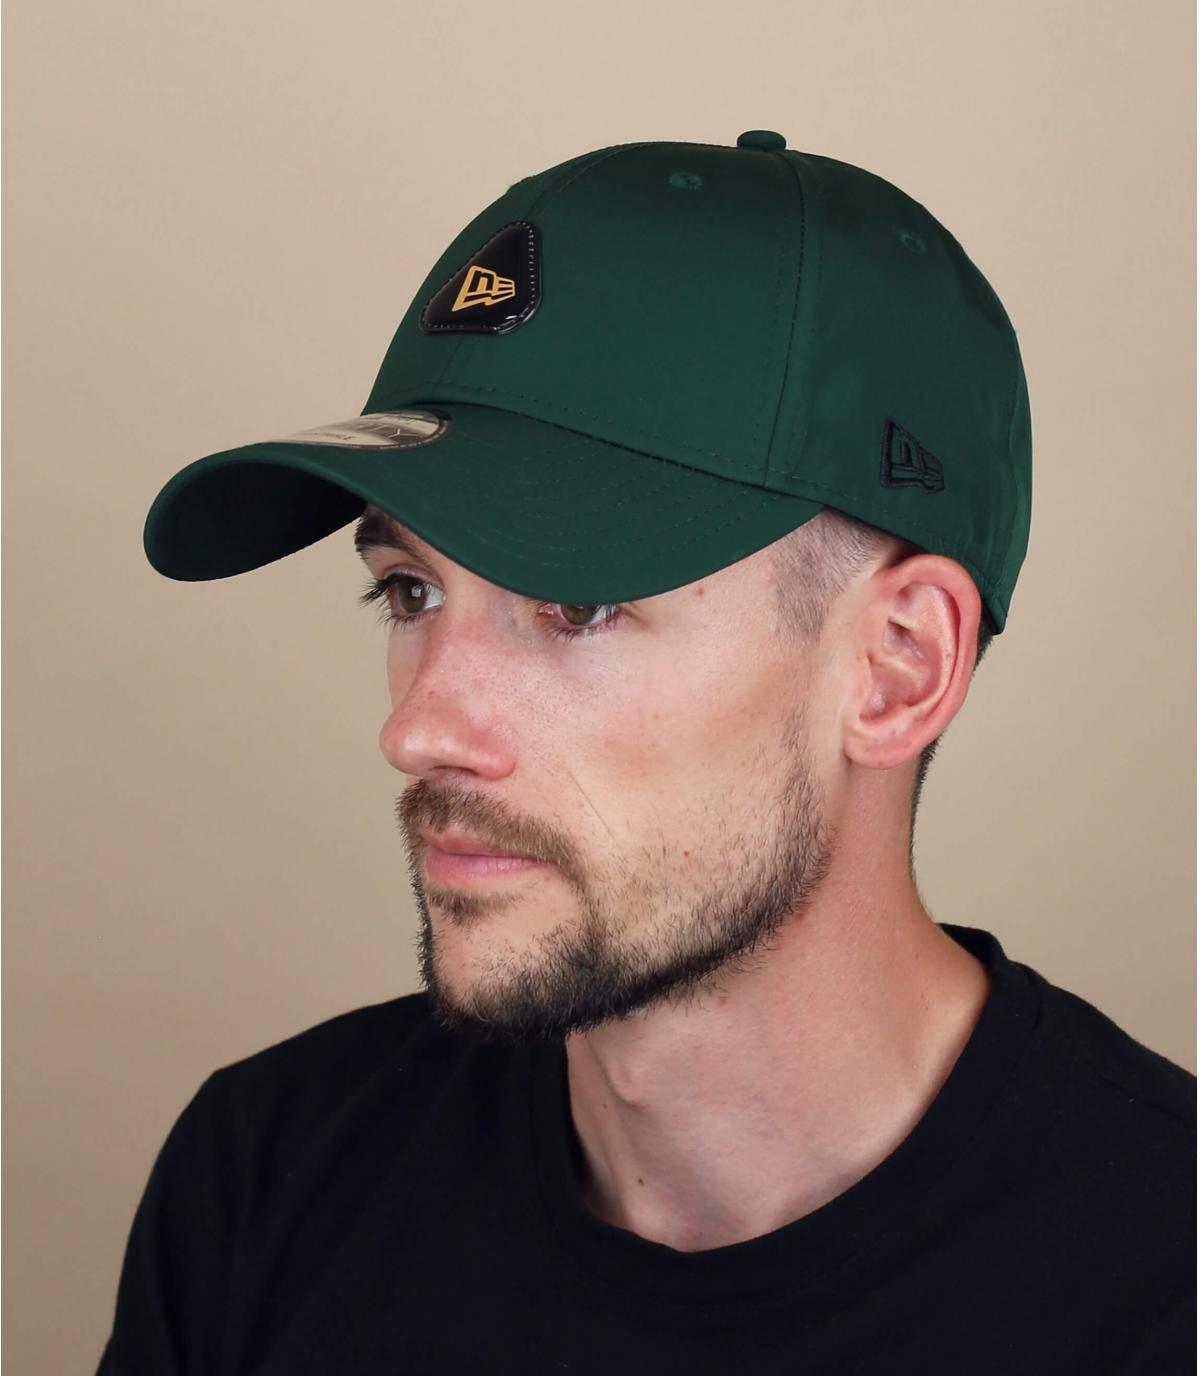 Green New Era cap